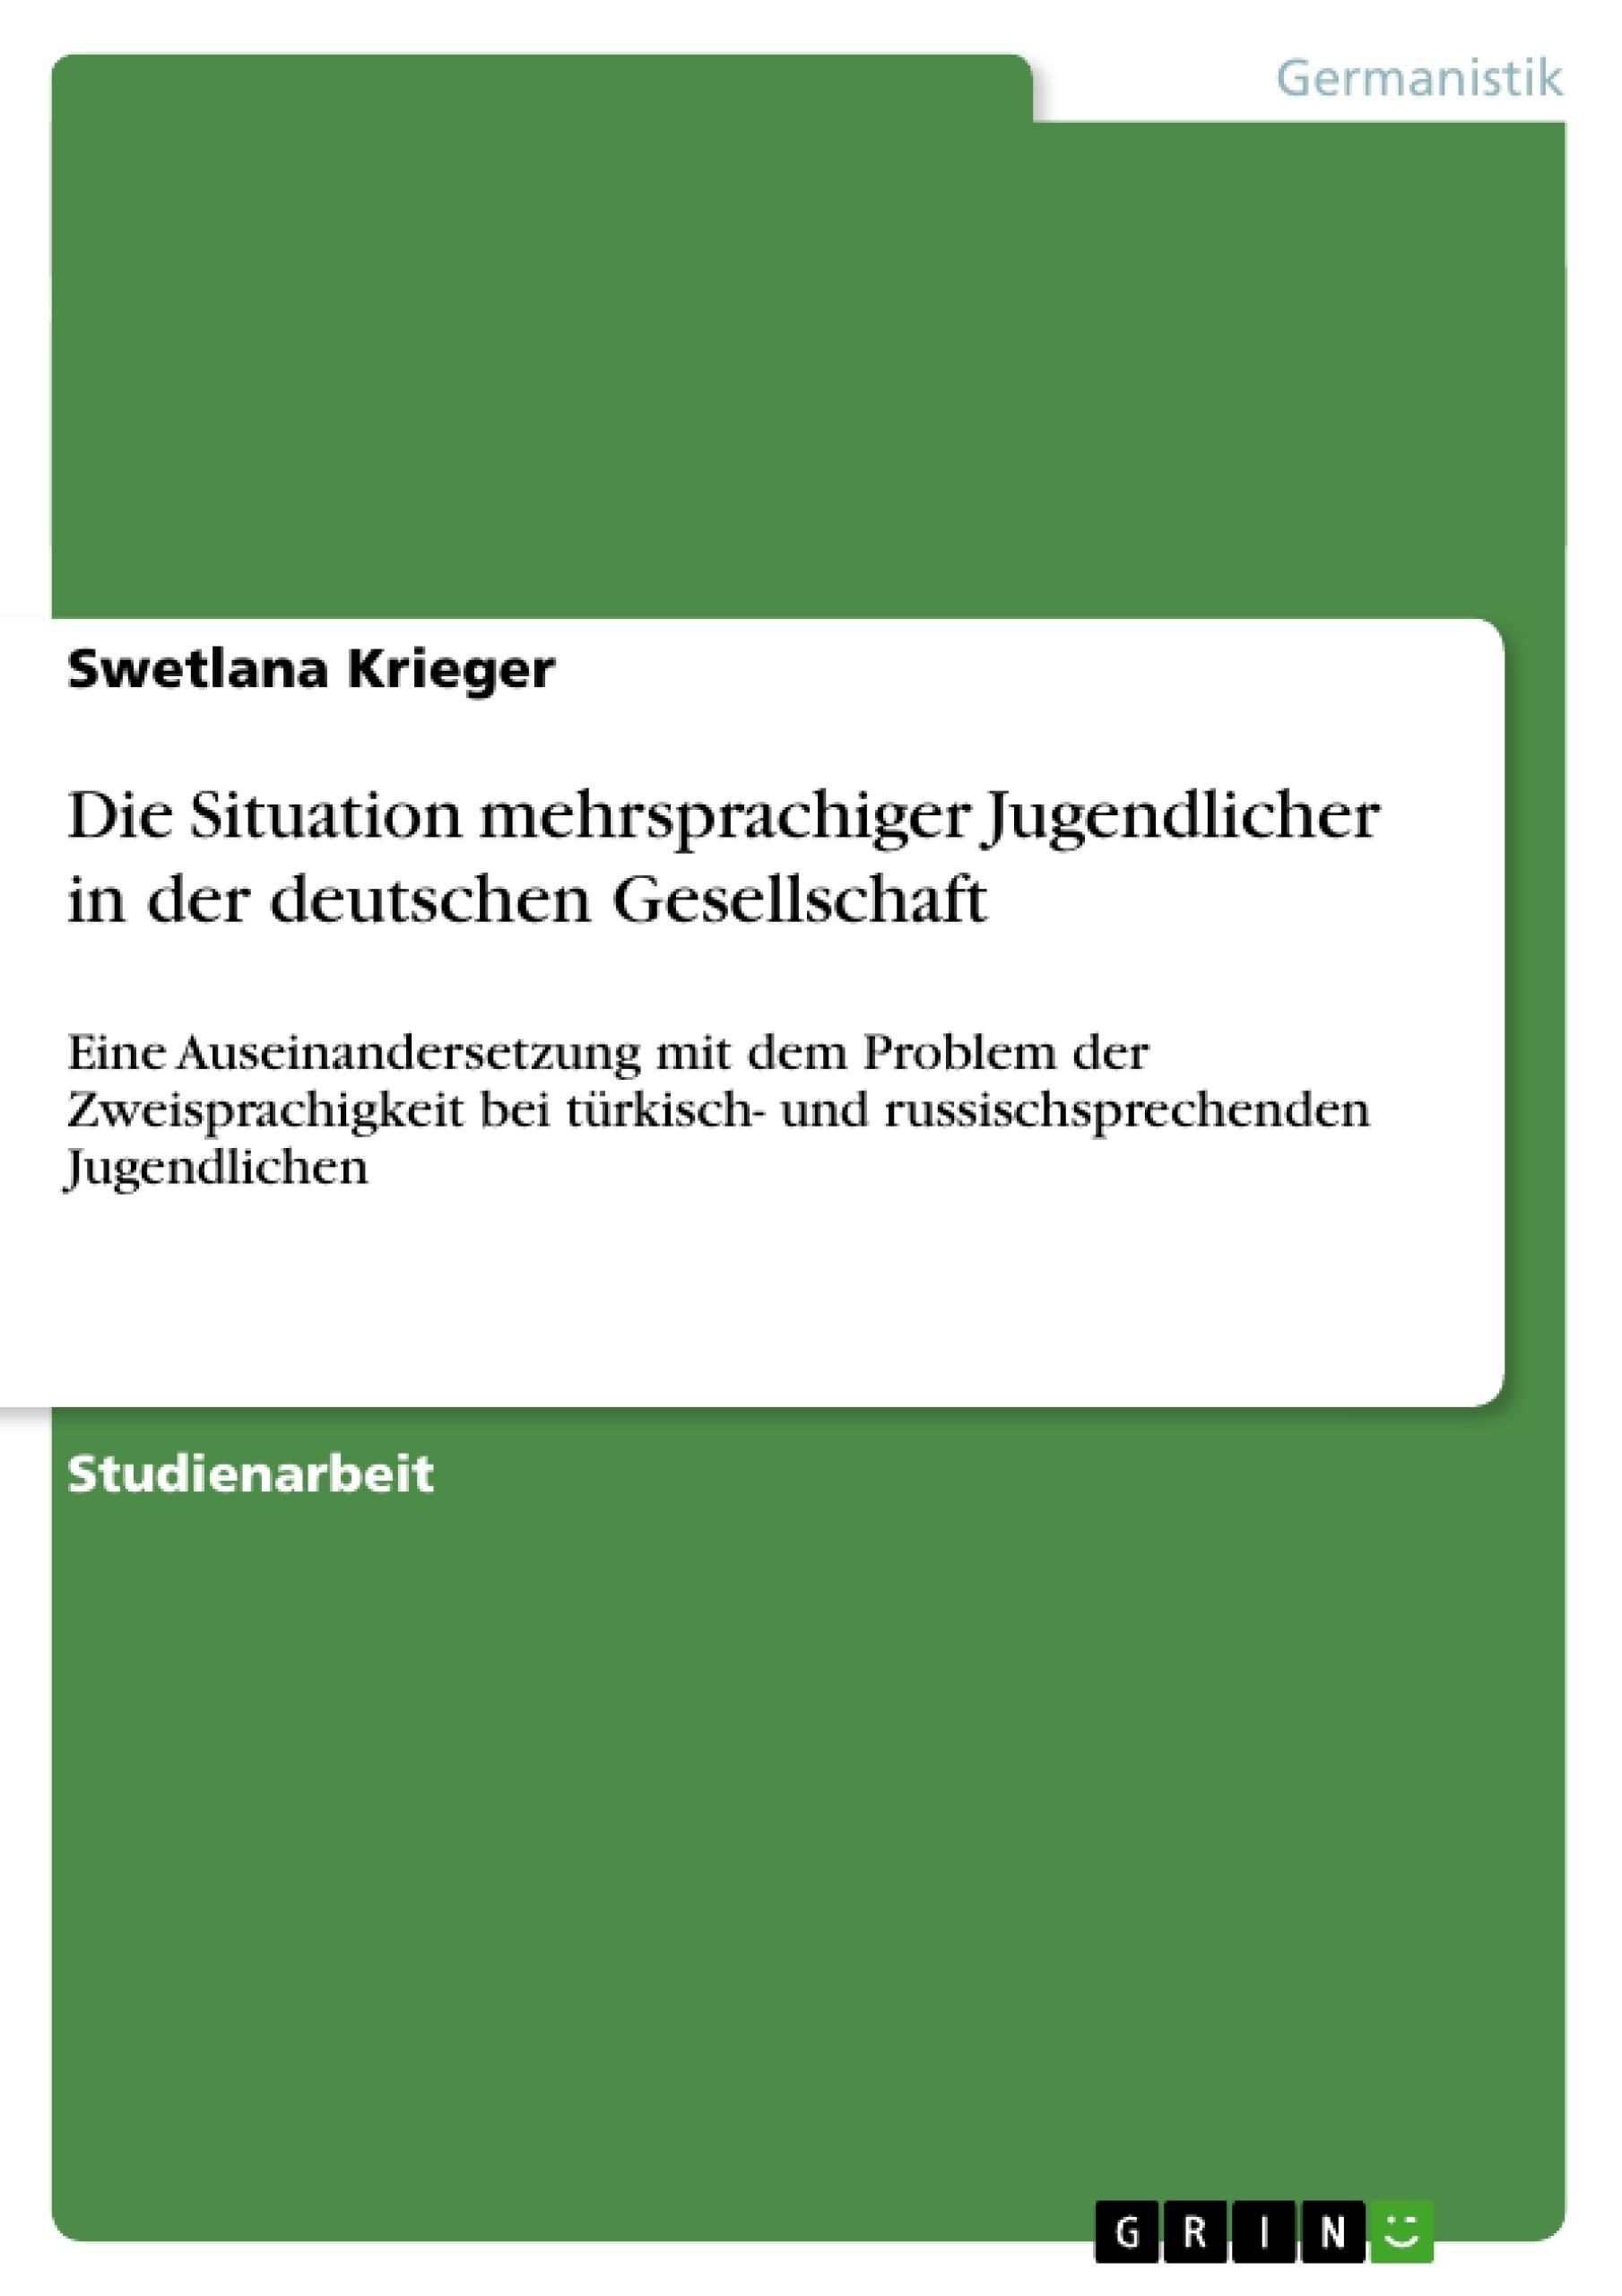 Titel: Die Situation mehrsprachiger Jugendlicher in der deutschen Gesellschaft